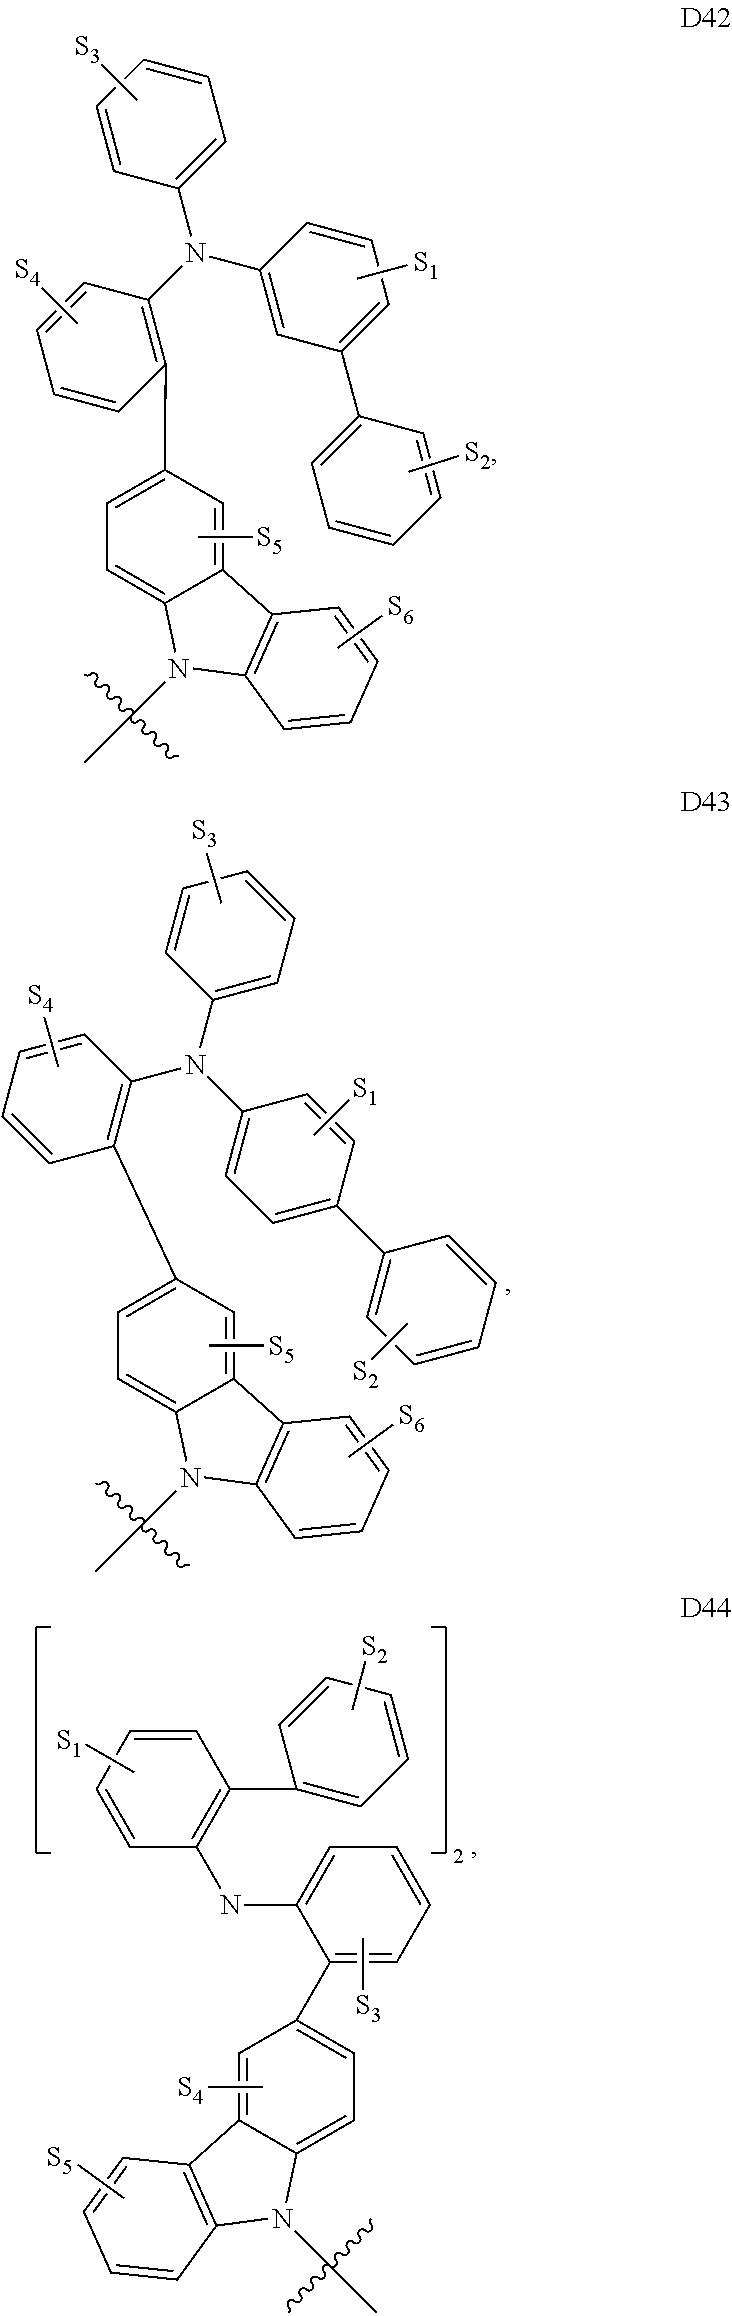 Figure US09537106-20170103-C00132